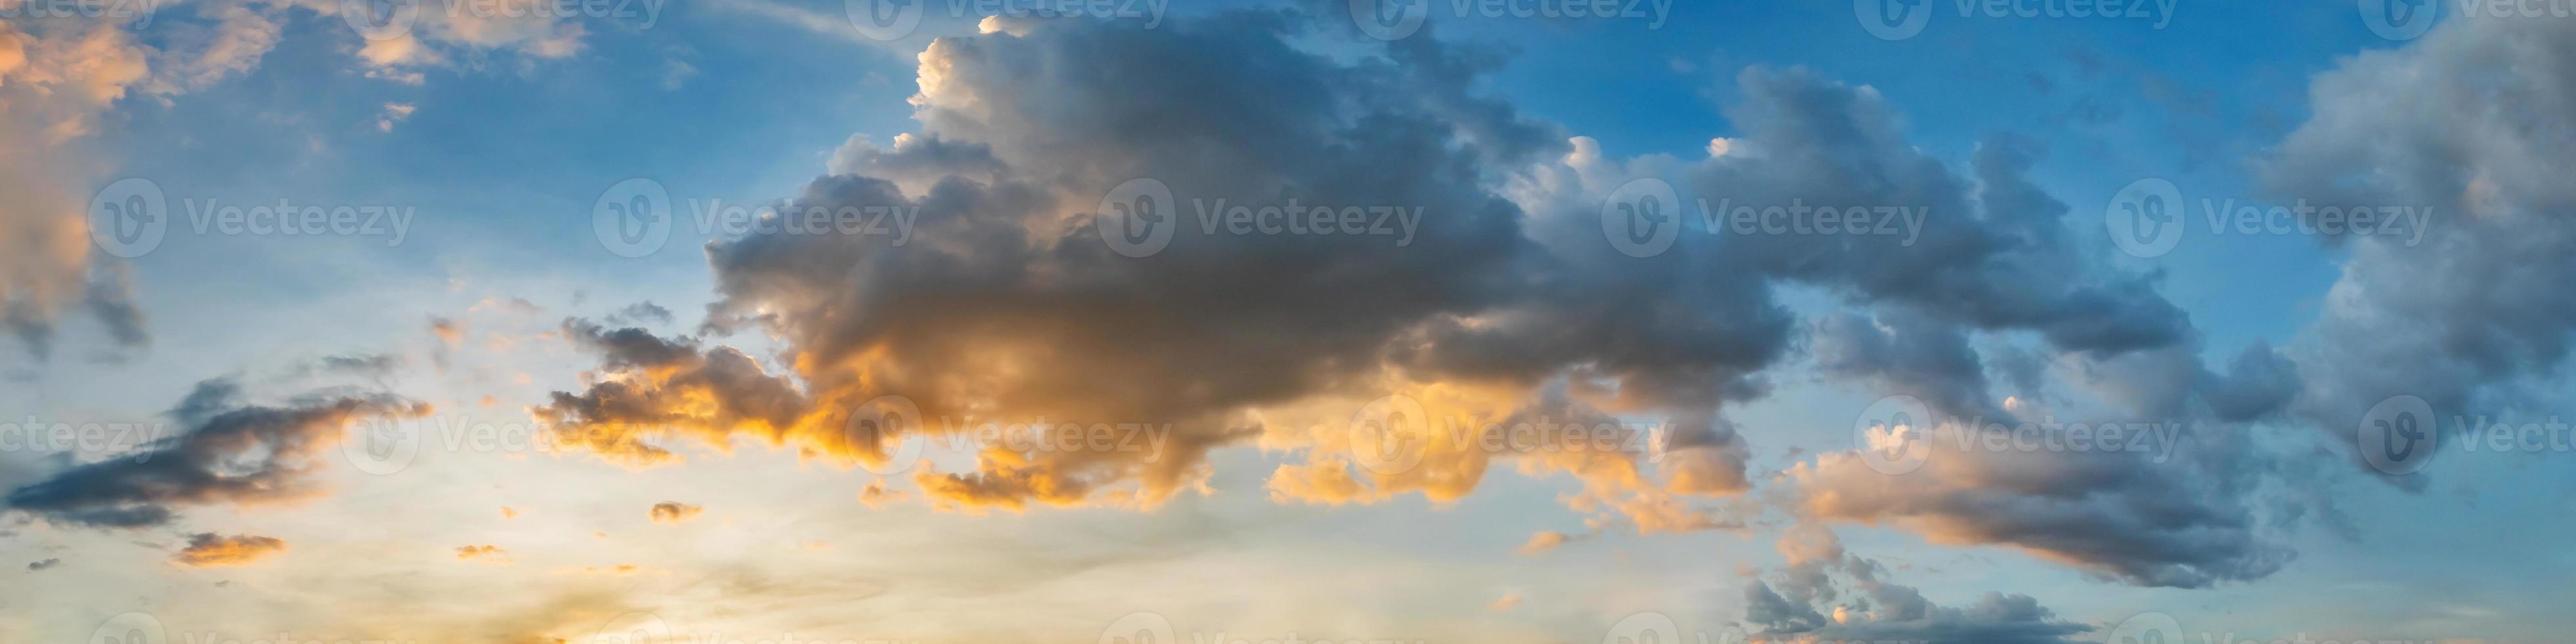 dramatische panoramahemel met wolk op zonsopgang en zonsondergangtijd. panoramisch beeld. foto